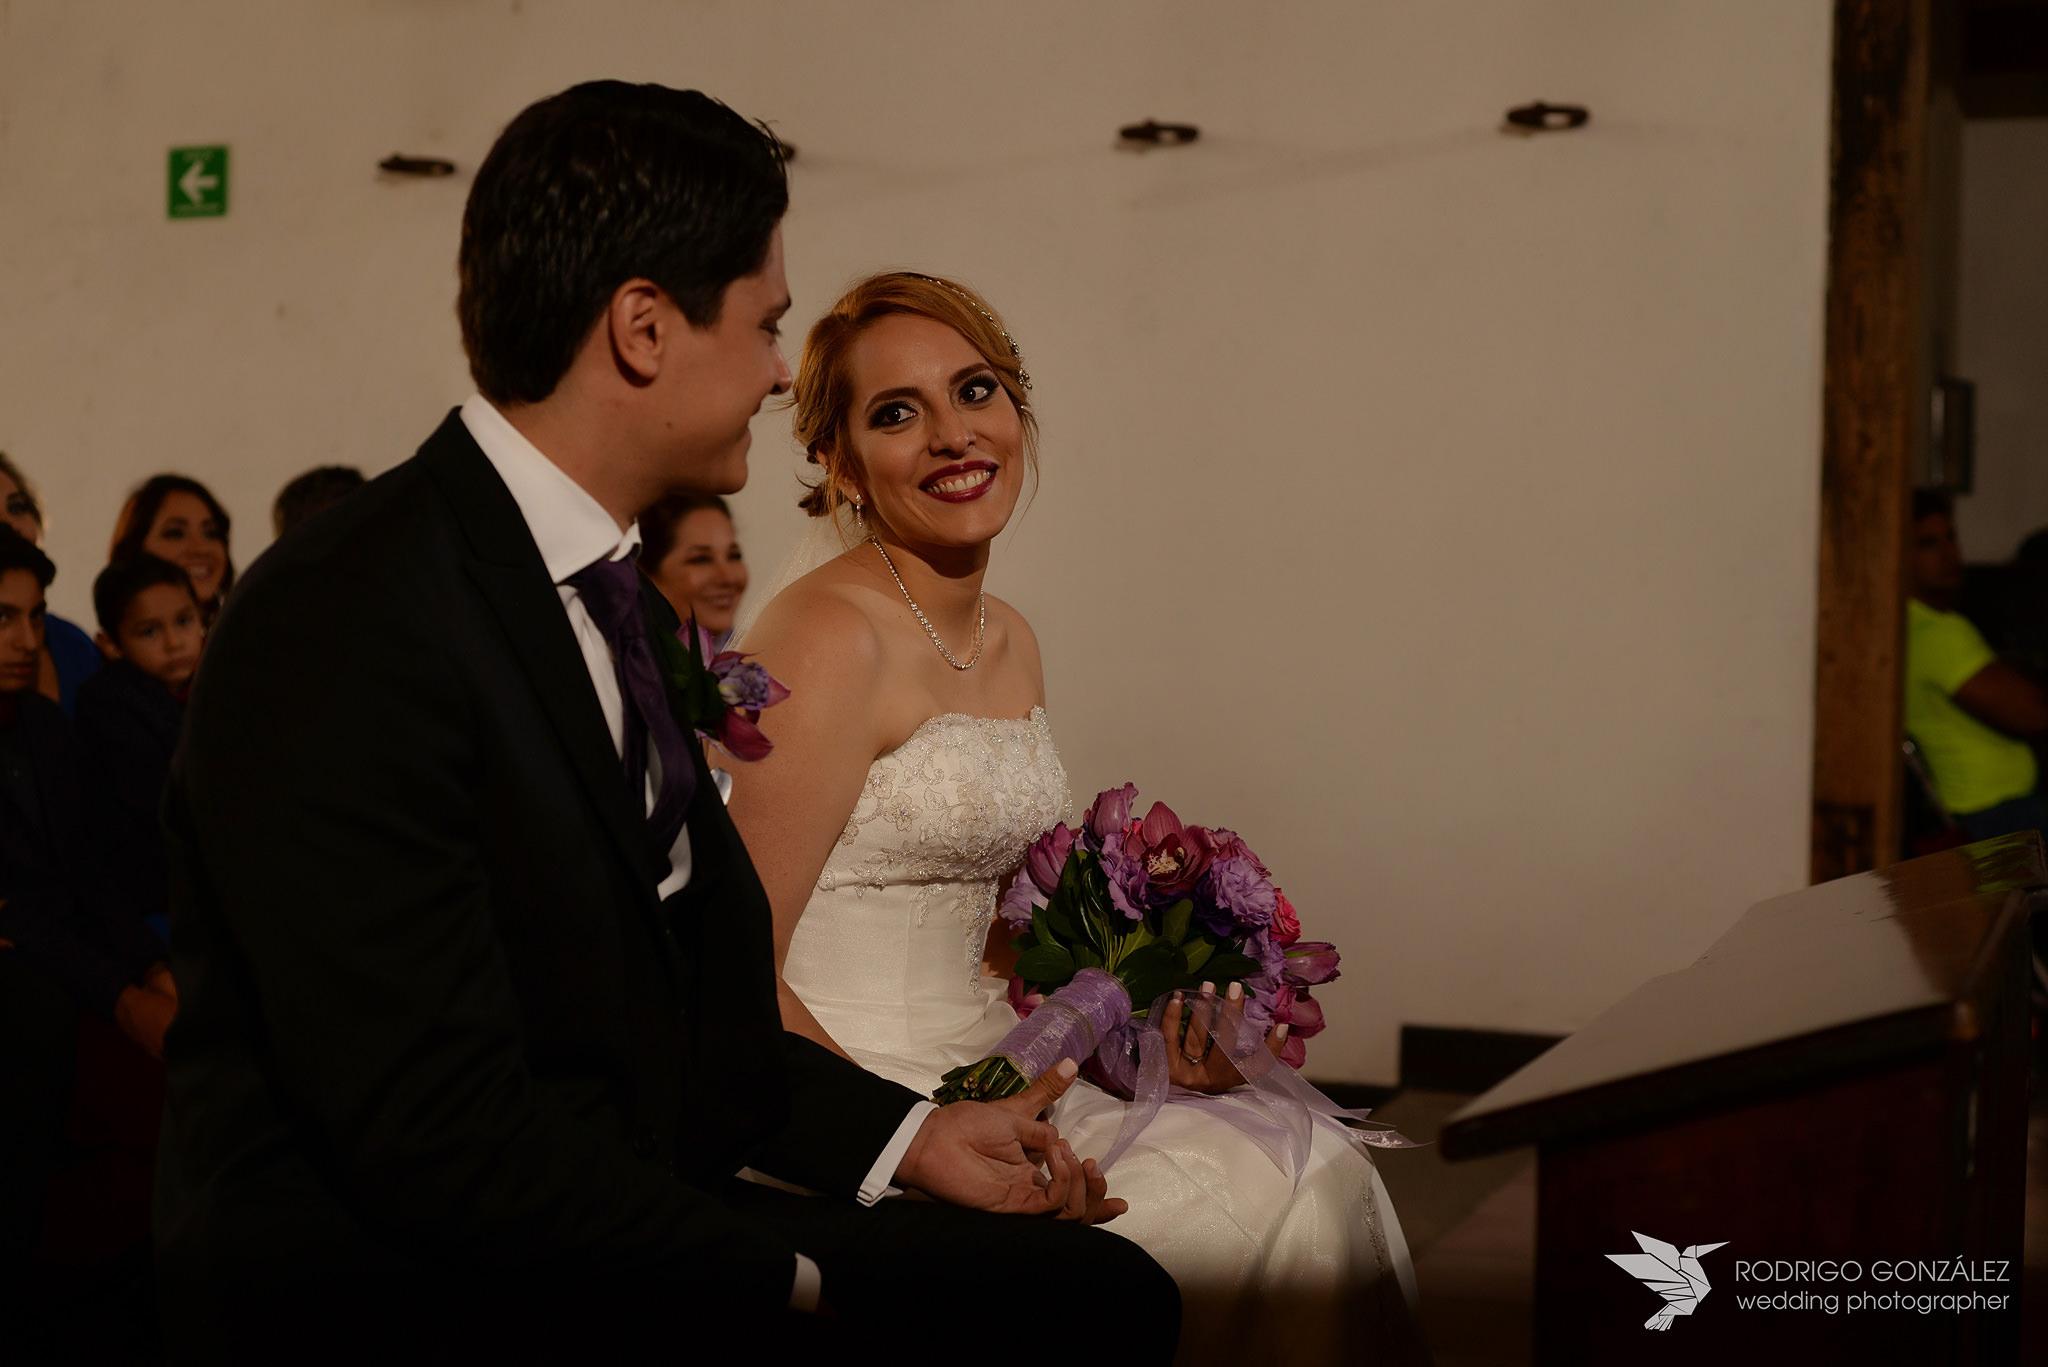 fotografo-de-bodas-en-las-calandrias_0430